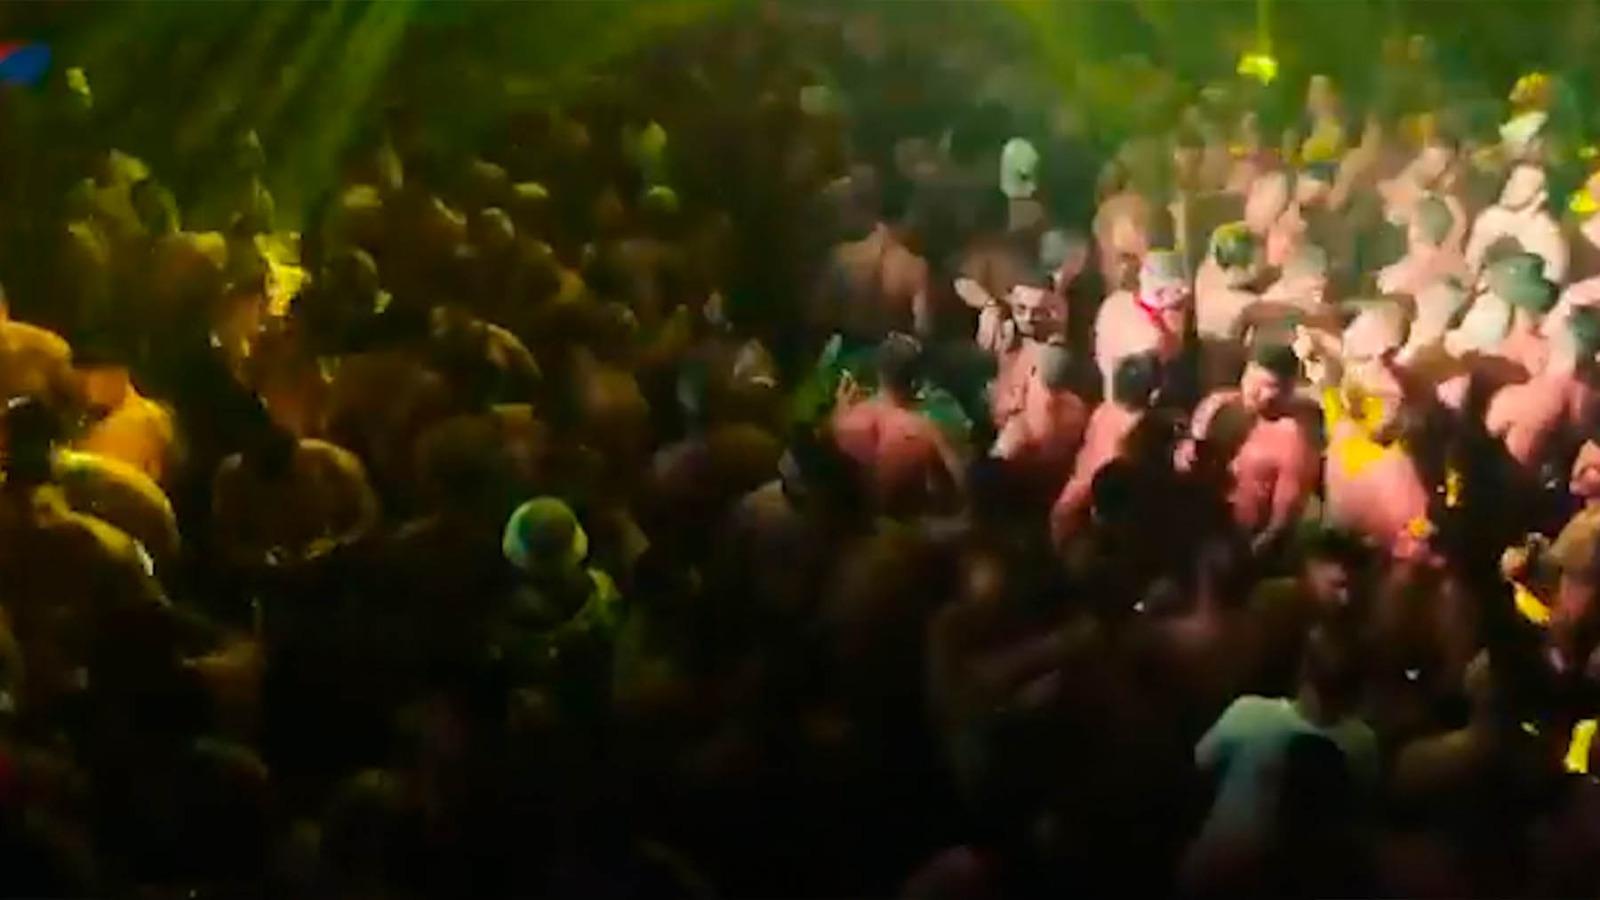 El alcalde de Torremolinos (PSOE) permite un multitudinario festival gay: sin distancia y sin mascarillas.